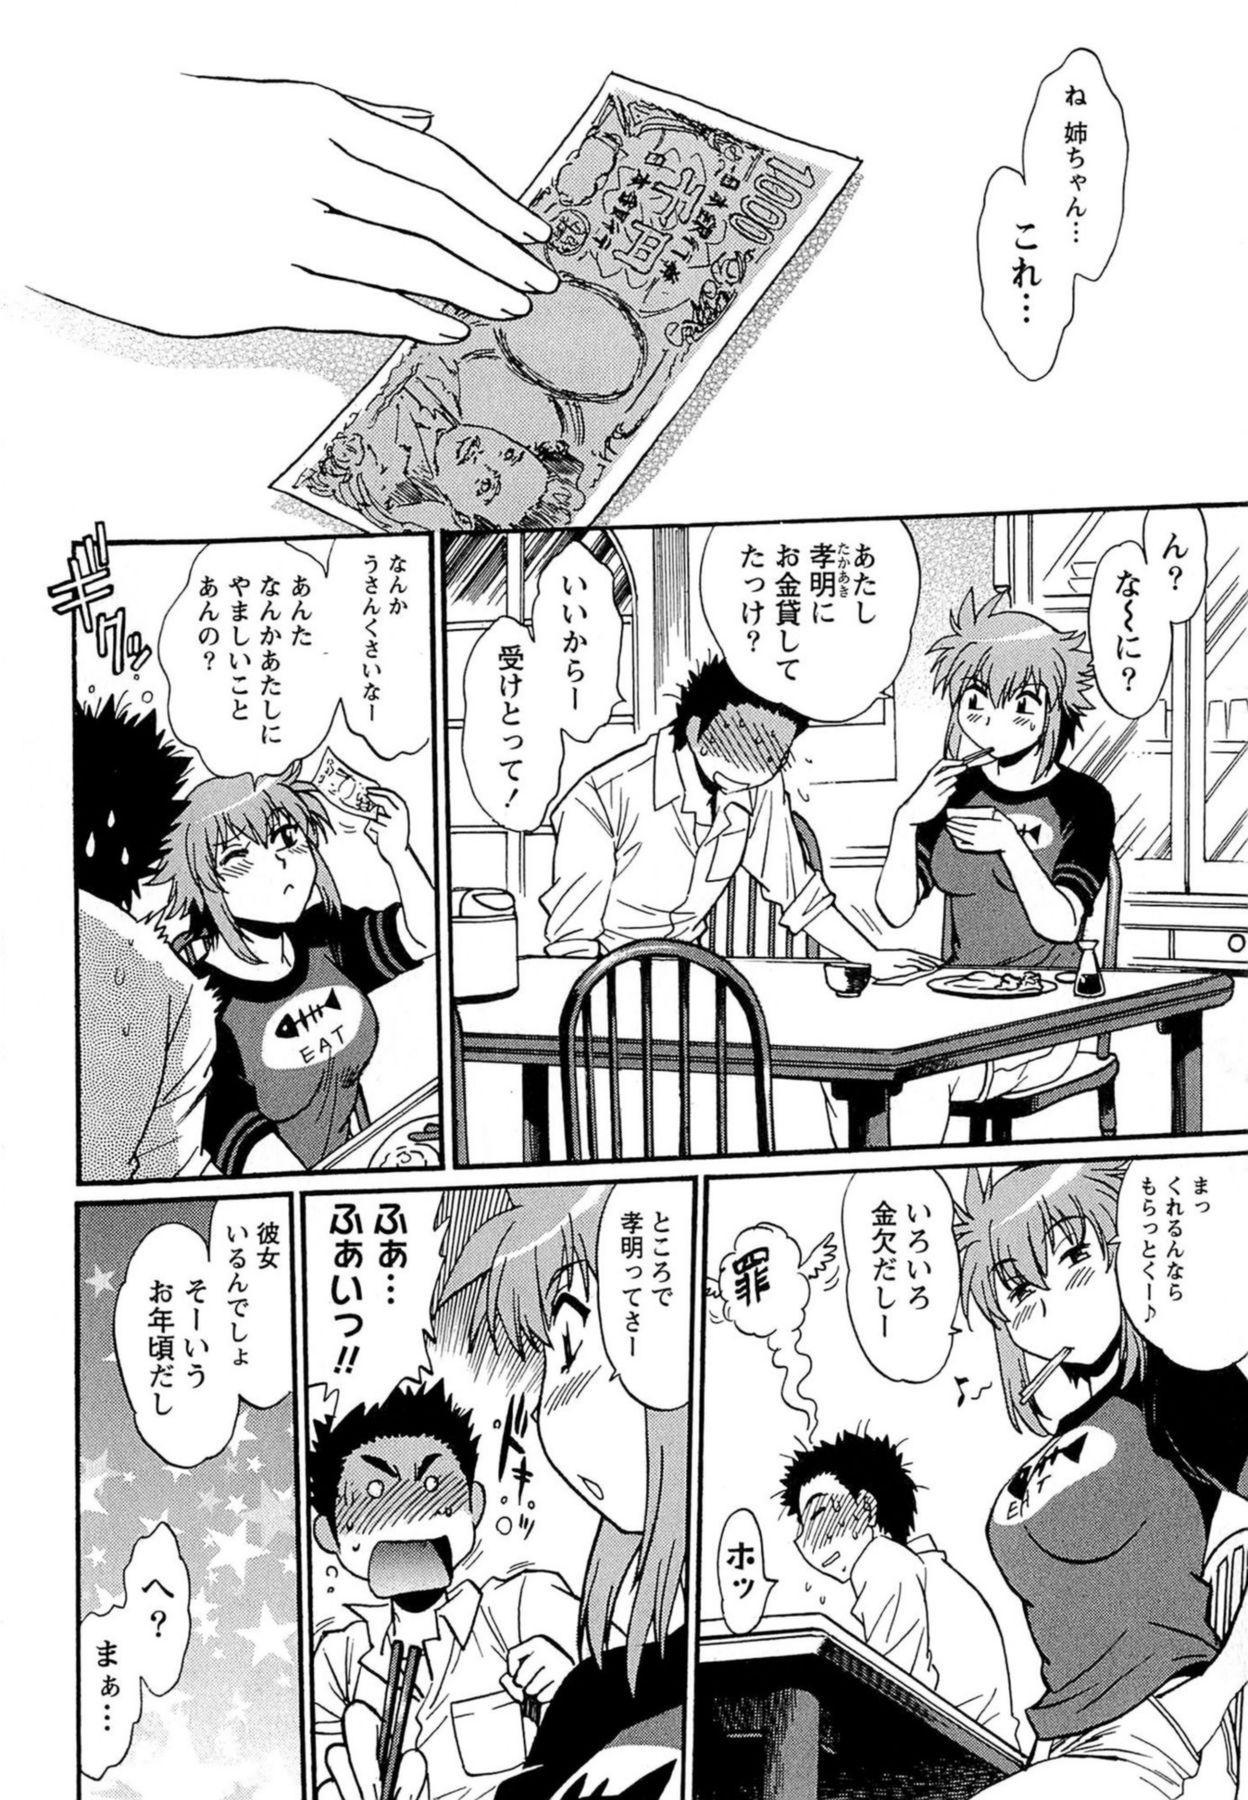 Kuikomi wo Naoshiteru Hima wa Nai! Vol. 1 110